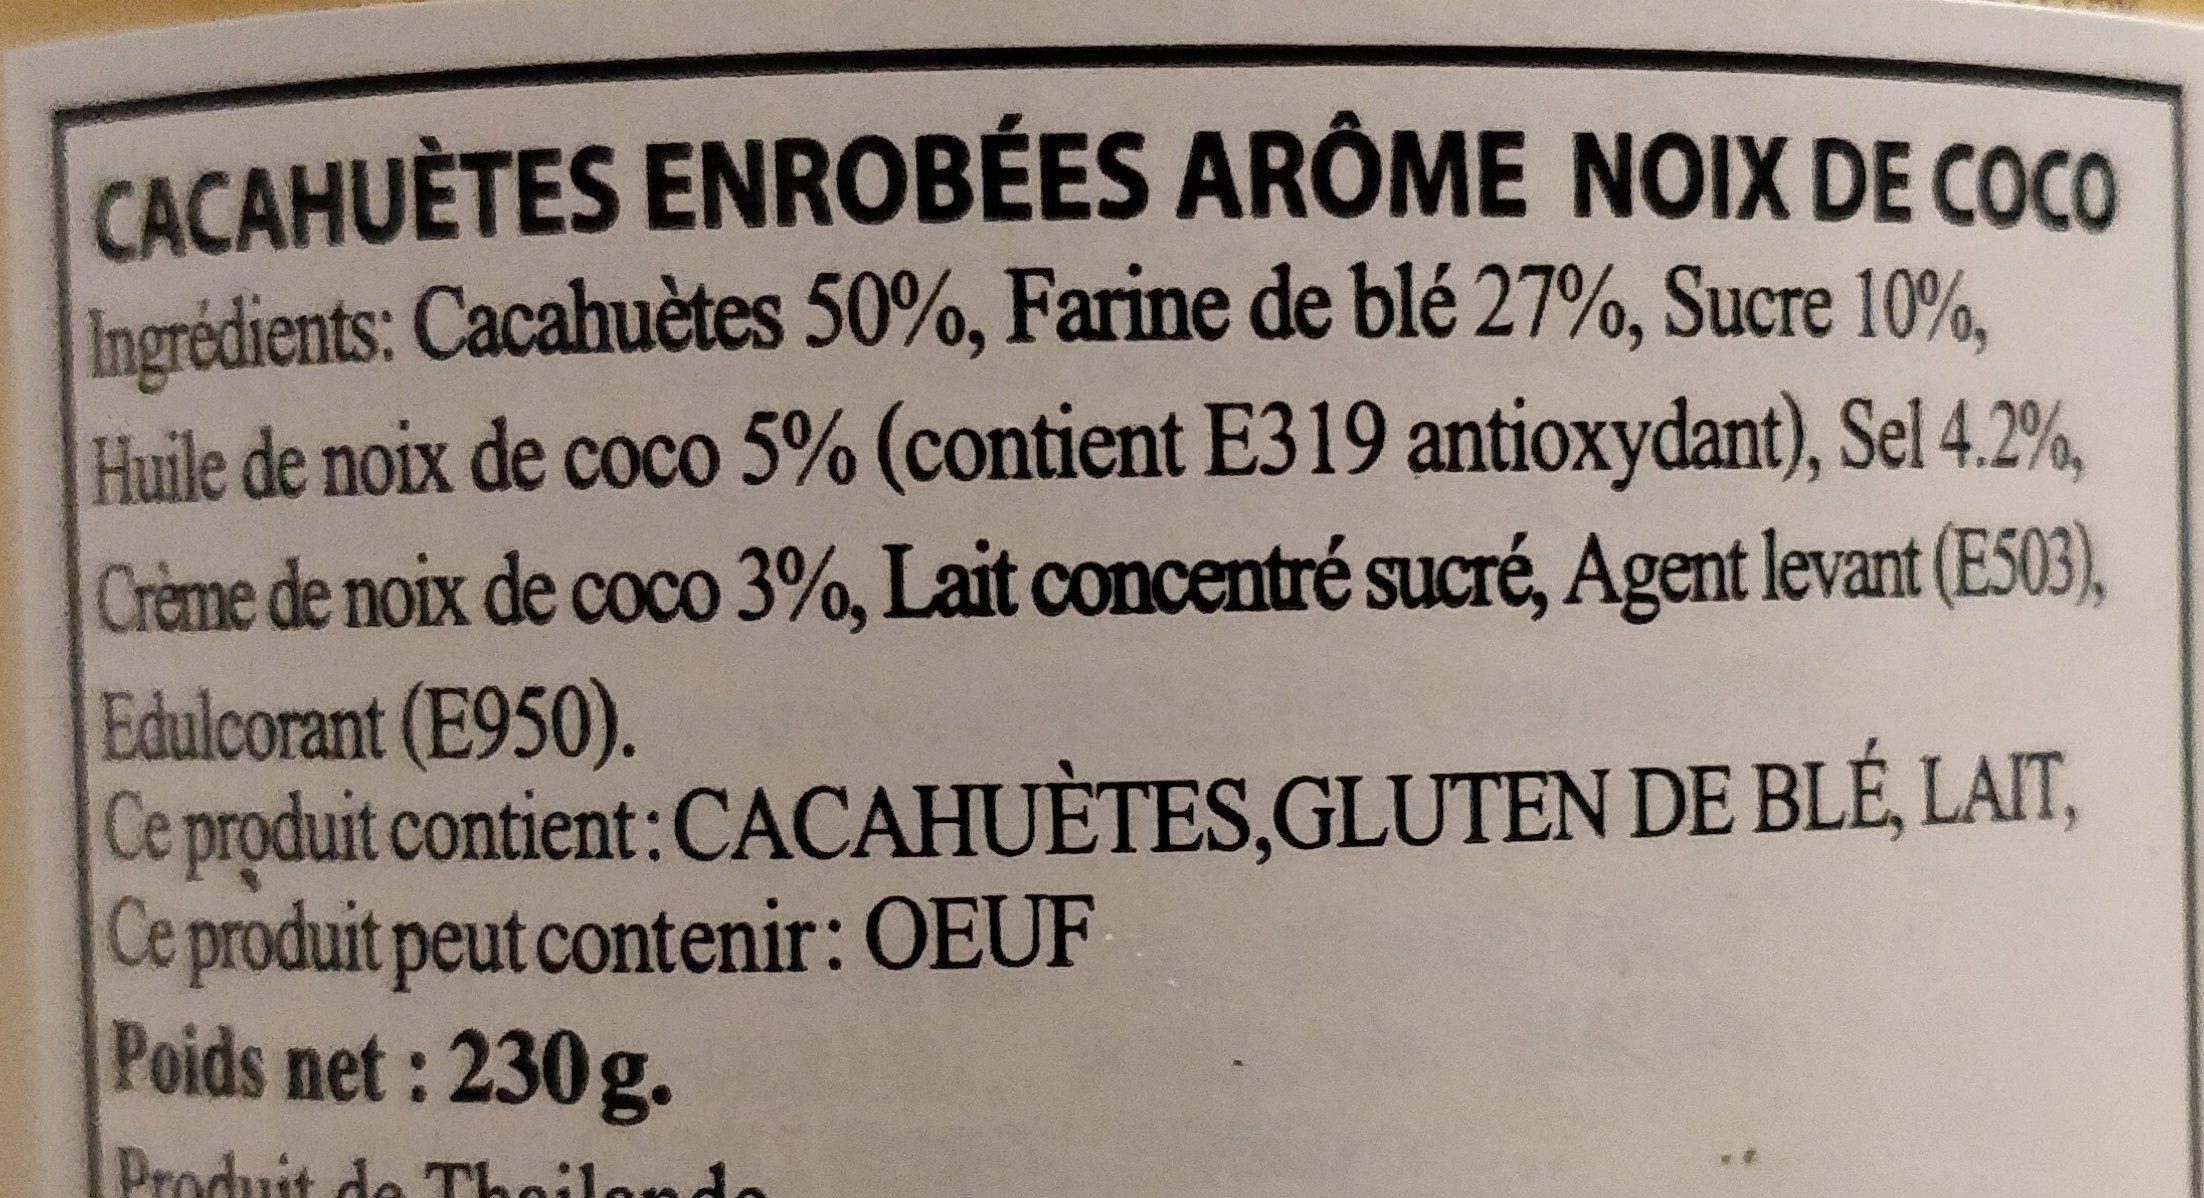 Cacahuètes enrobées arôme noix de coco - Ingrédients